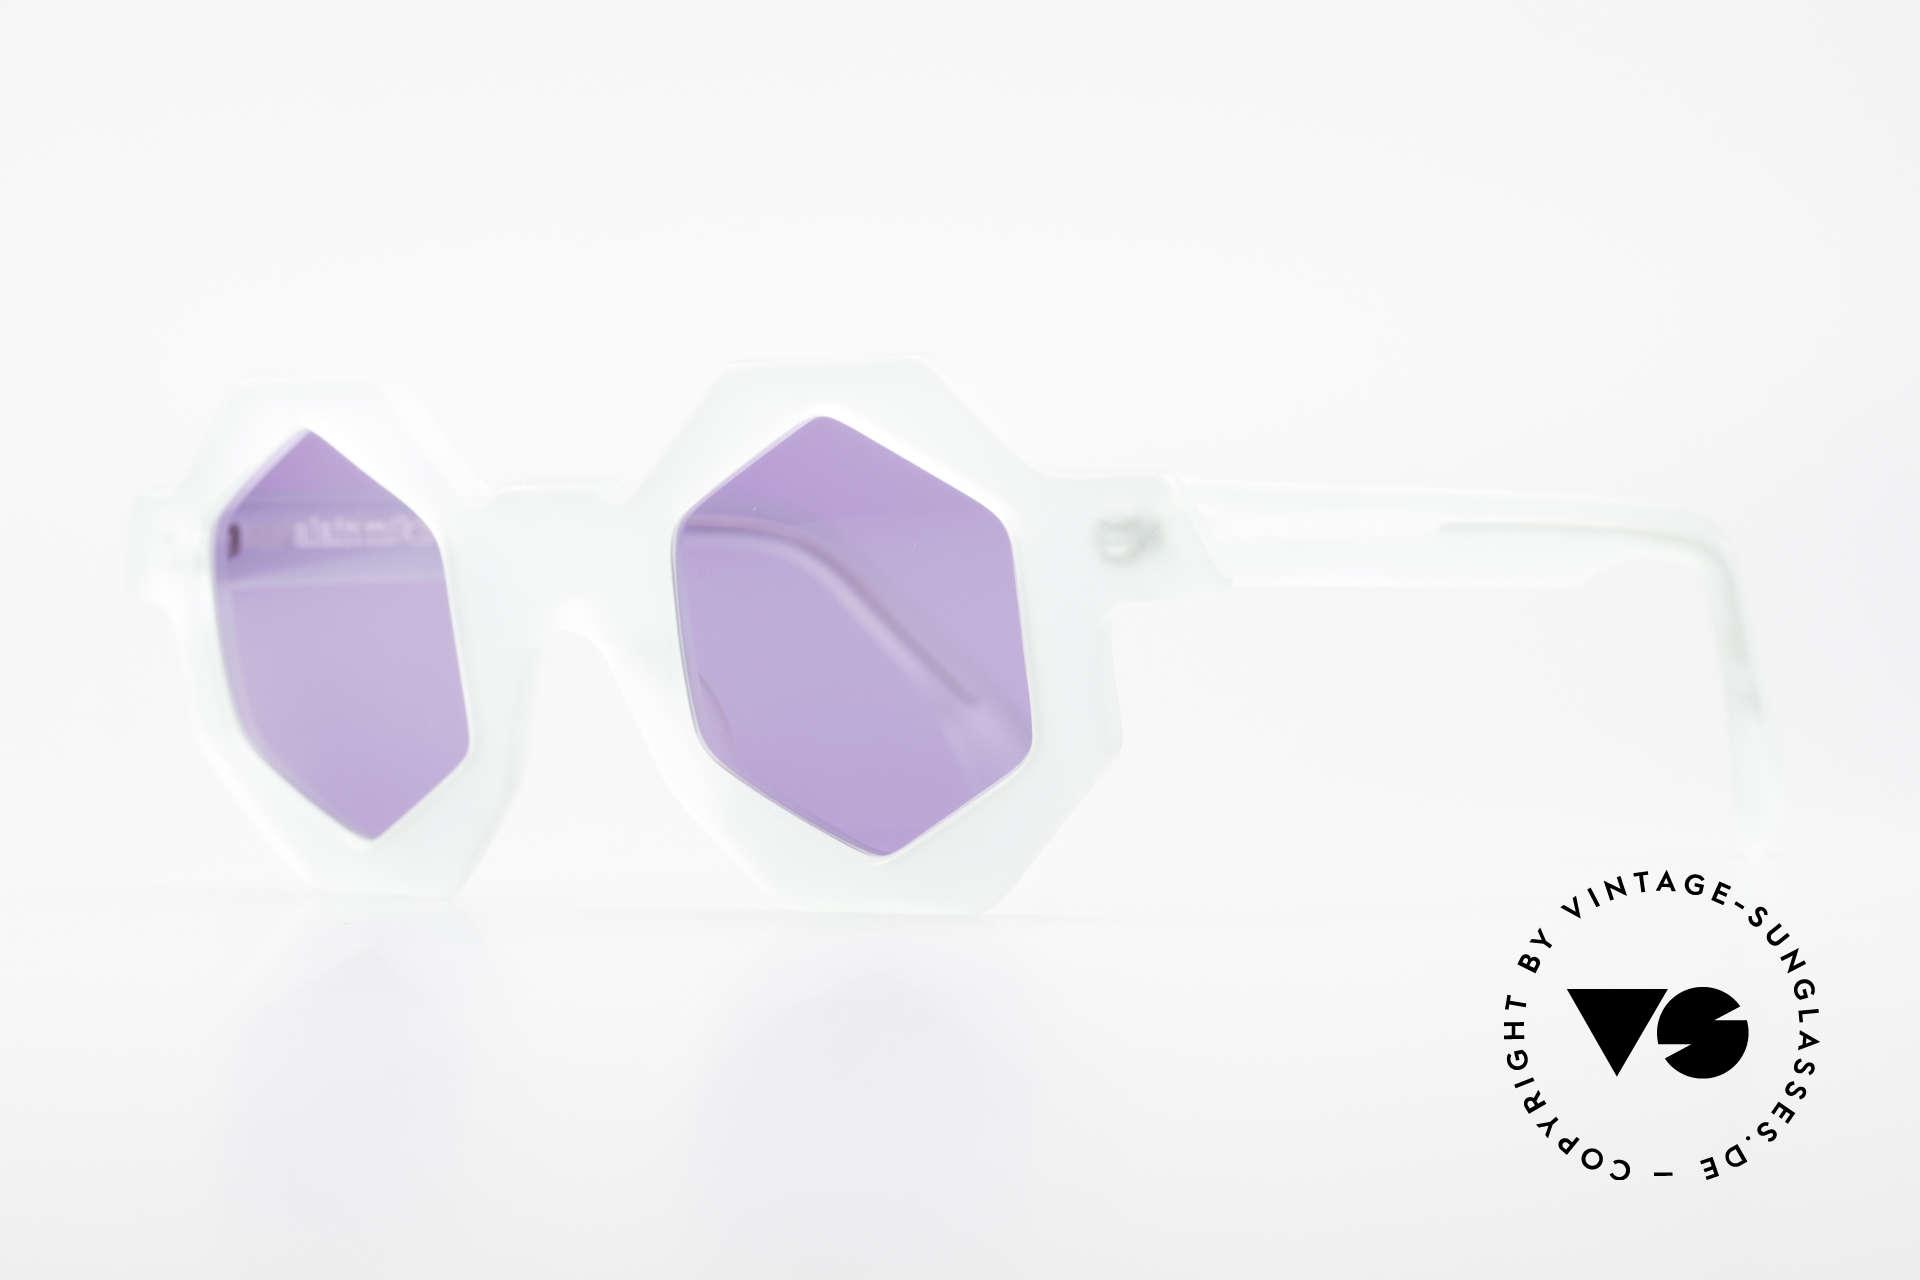 Alain Mikli 0157 / 932 Sechseckige Sonnenbrille 80er, absoluter Design-Klassiker aus den 80er Jahren, Passend für Damen